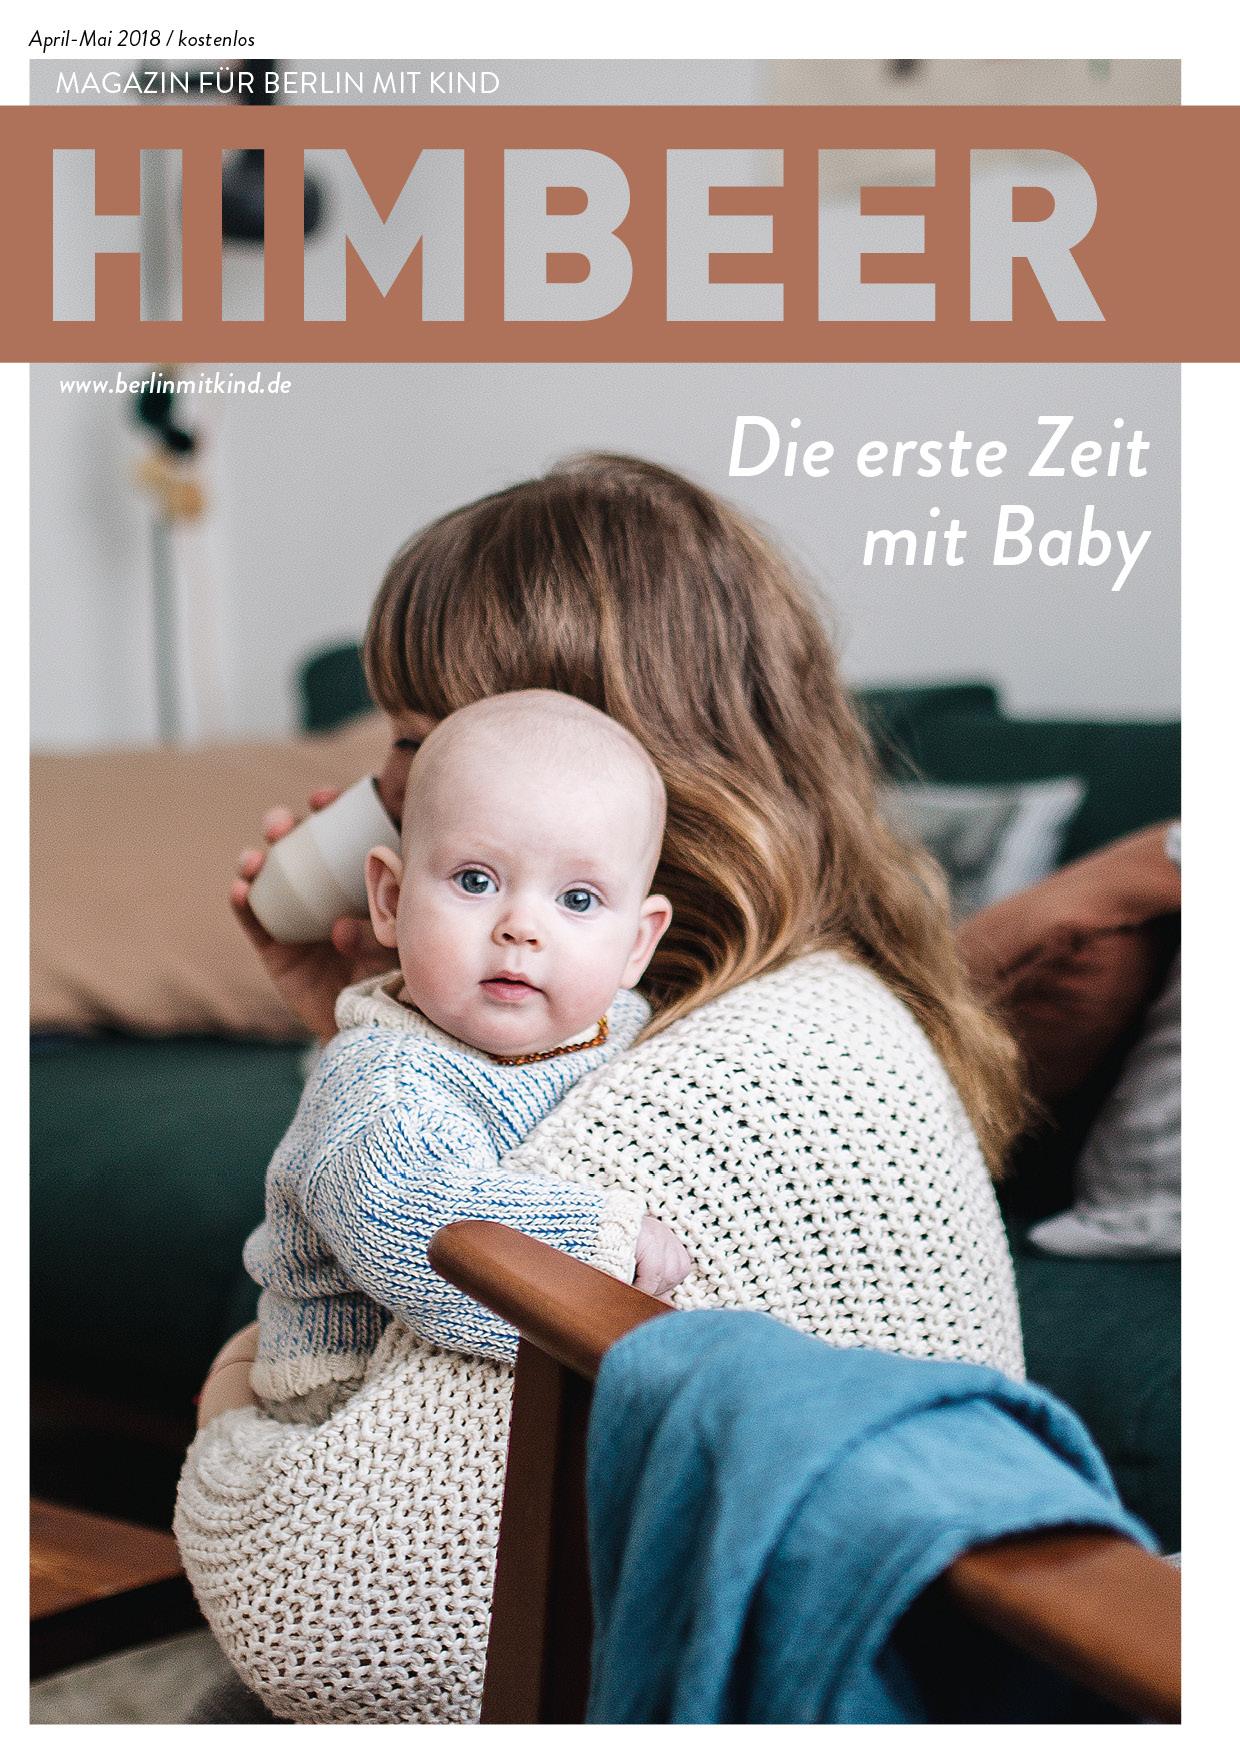 Das Berliner Familienmagazin: HIMBEER Magazin für Berlin mit Kind April-Mai 2018 // HIMBEER